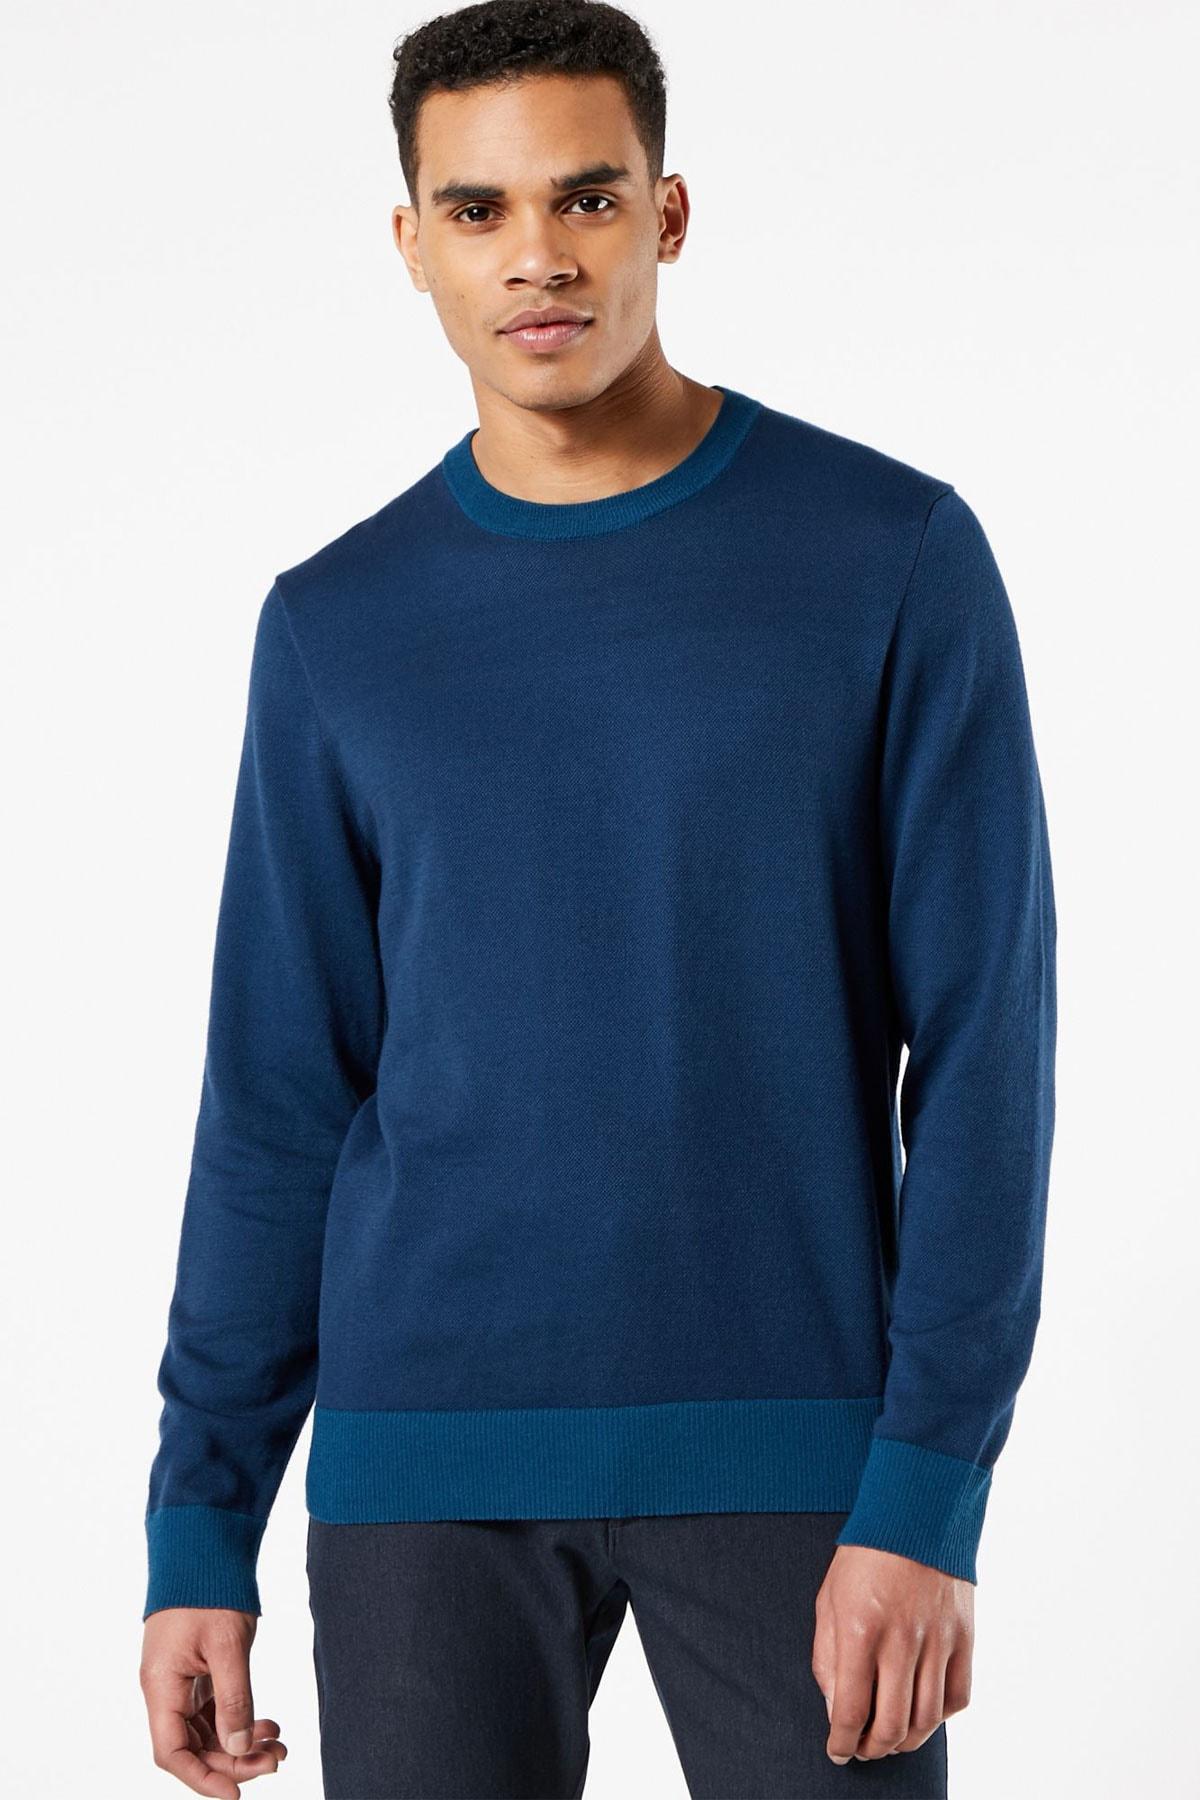 خرید نقدی پلیور بافتی مردانه ترک برند Dockers رنگ آبی کد ty83182181